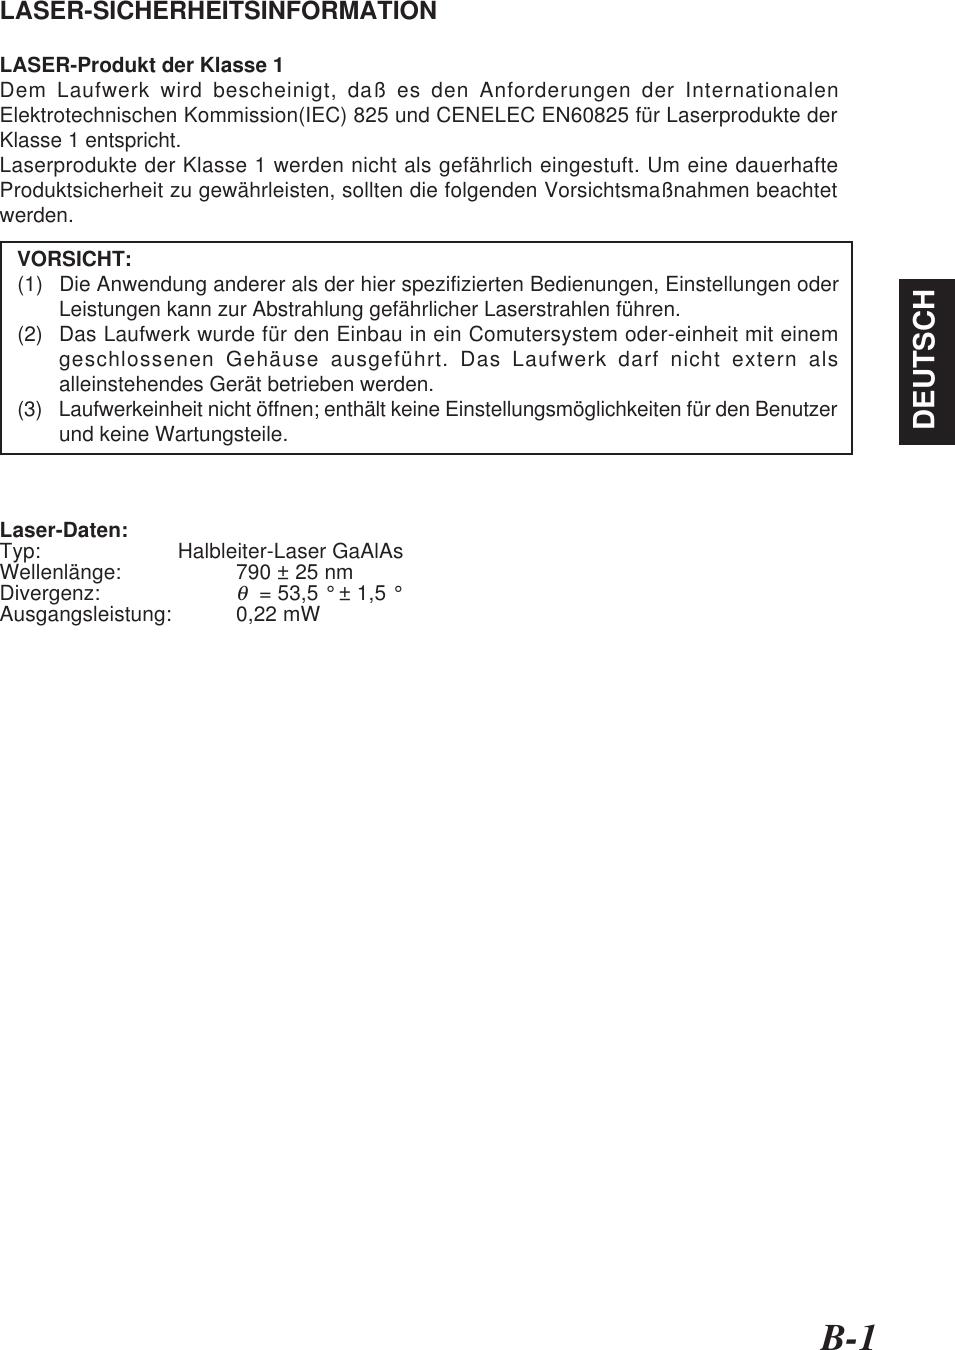 B-1DEUTSCHLASER-SICHERHEITSINFORMATIONLASER-Produkt der Klasse 1Dem Laufwerk wird bescheinigt, daß es den Anforderungen der InternationalenElektrotechnischen Kommission(IEC) 825 und CENELEC EN60825 für Laserprodukte derKlasse 1 entspricht.Laserprodukte der Klasse 1 werden nicht als gefährlich eingestuft. Um eine dauerhafteProduktsicherheit zu gewährleisten, sollten die folgenden Vorsichtsmaßnahmen beachtetwerden.   VORSICHT:(1) Die Anwendung anderer als der hier spezifizierten Bedienungen, Einstellungen oderLeistungen kann zur Abstrahlung gefährlicher Laserstrahlen führen.(2) Das Laufwerk wurde für den Einbau in ein Comutersystem oder-einheit mit einemgeschlossenen Gehäuse ausgeführt. Das Laufwerk darf nicht extern alsalleinstehendes Gerät betrieben werden.(3) Laufwerkeinheit nicht öffnen; enthält keine Einstellungsmöglichkeiten für den Benutzerund keine Wartungsteile.Laser-Daten:Typ: Halbleiter-Laser GaAlAsWellenlänge: 790 ± 25 nmDivergenz:θ  = 53,5 ° ± 1,5 °Ausgangsleistung: 0,22 mW